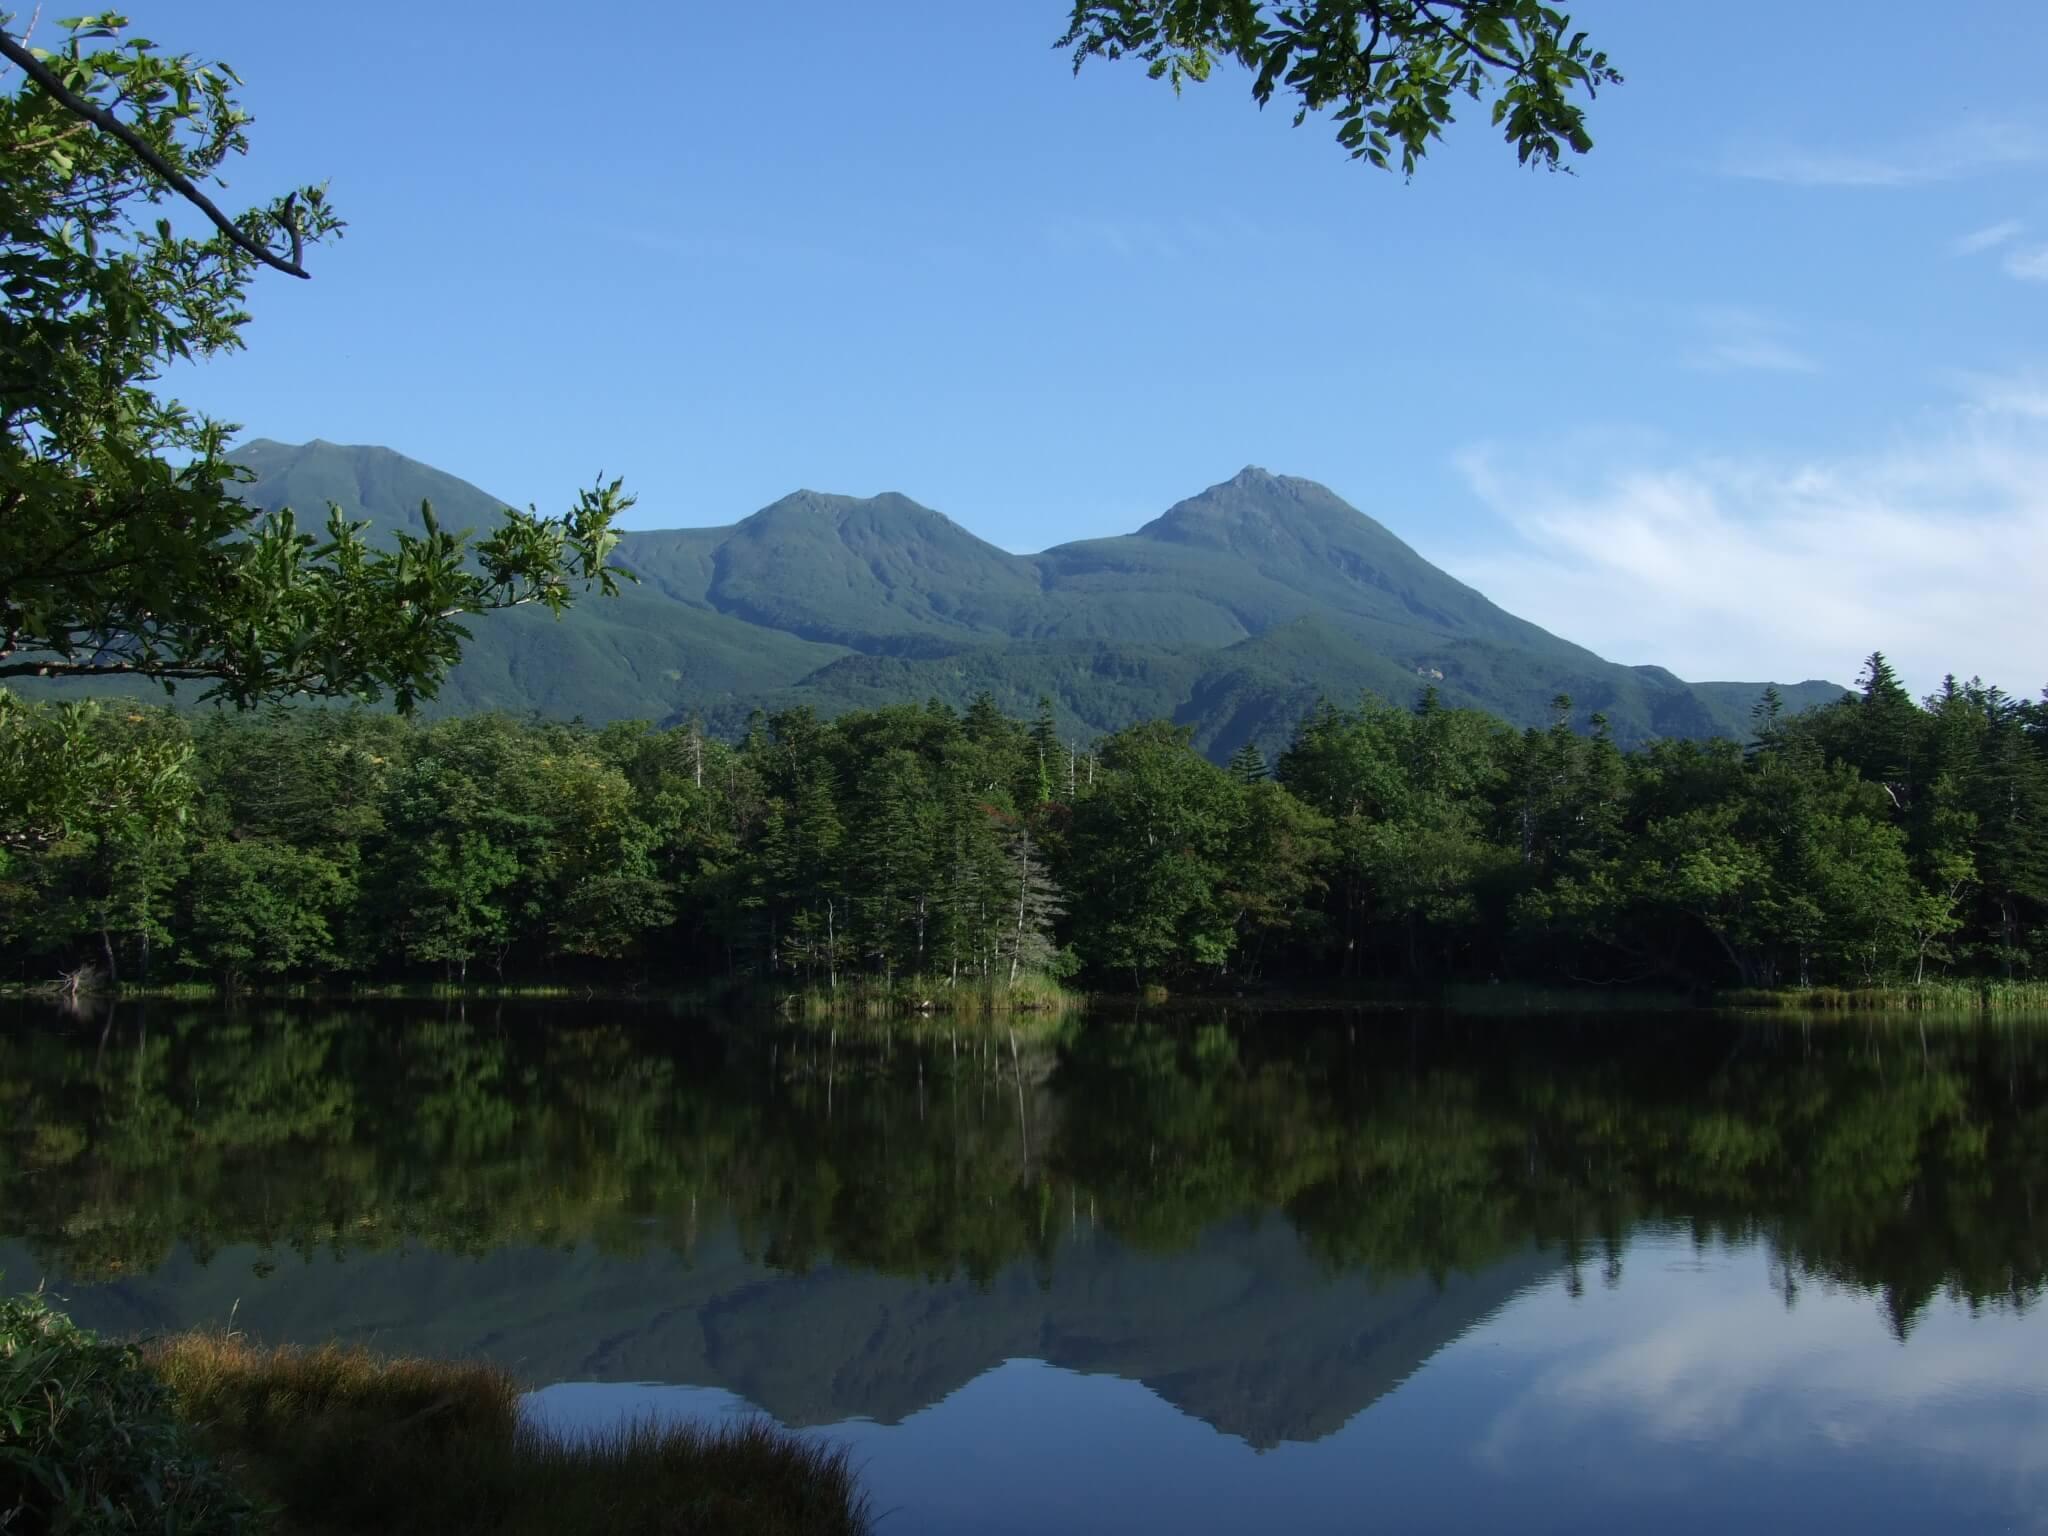 世界自然遺産・知床で「いのちの豊かさ、希少な動植物」を満喫 知床ツアー 3日間